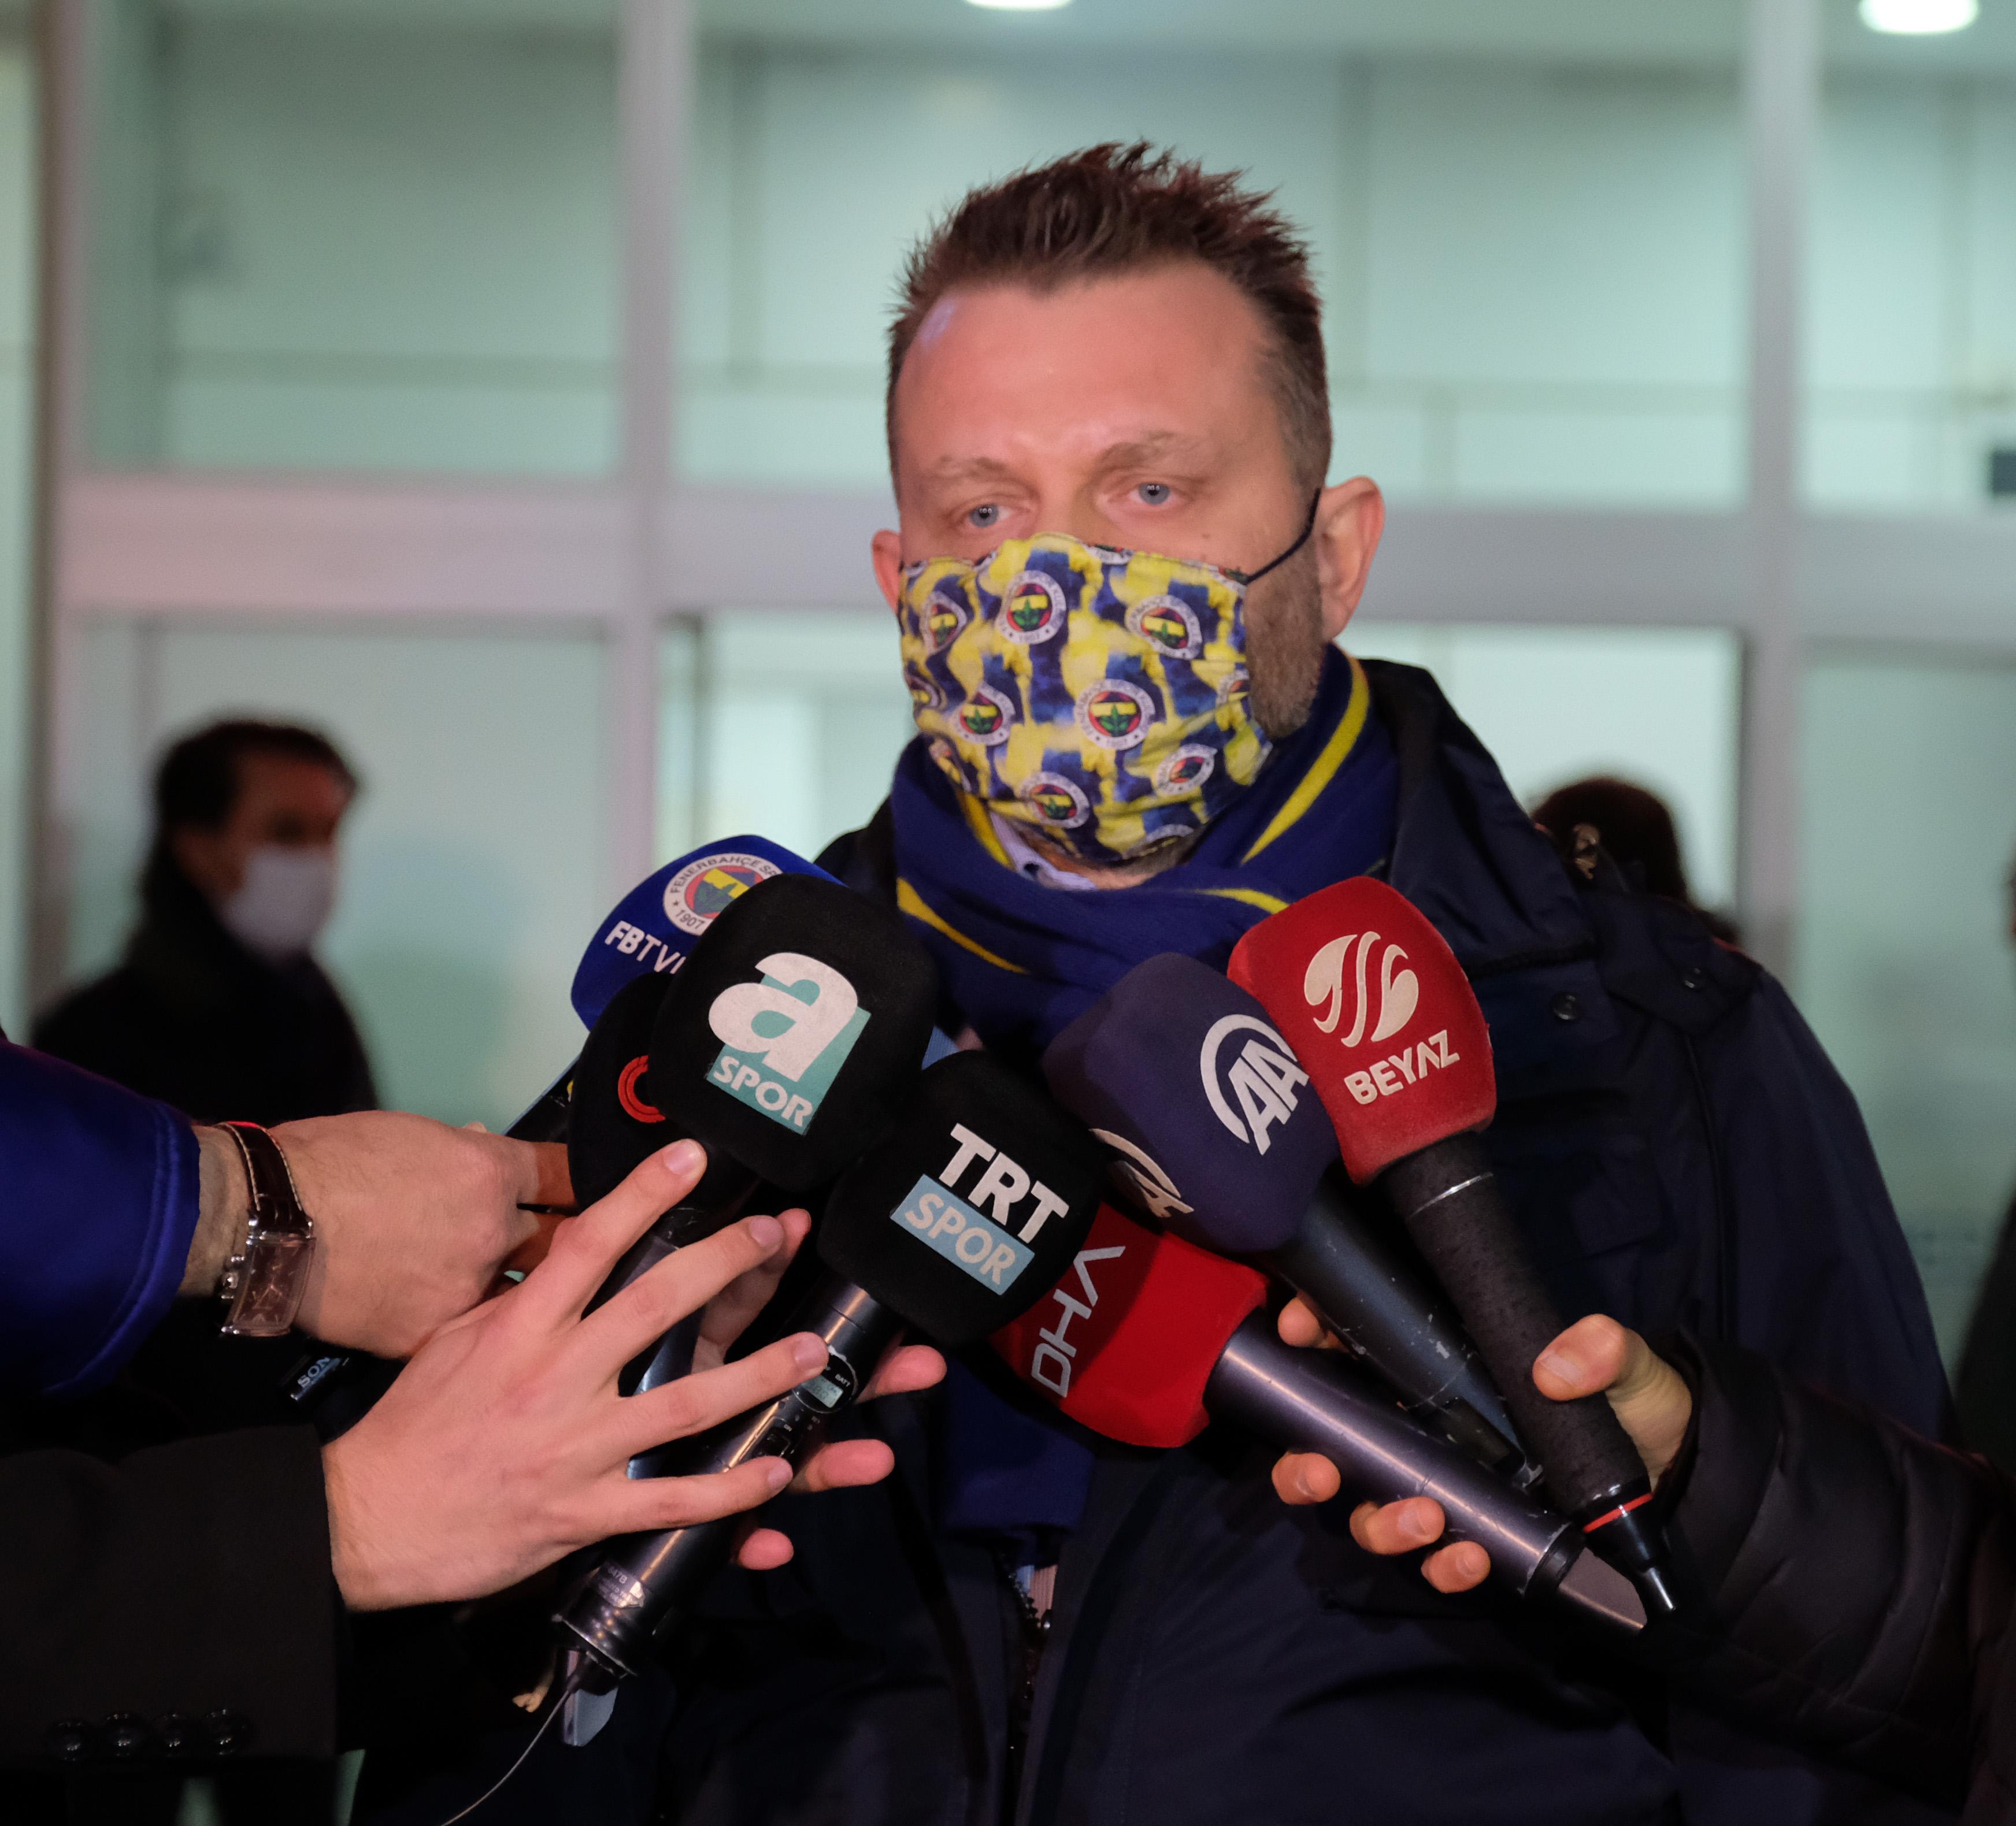 Fenerbahçeli yöneticiden Galatasaraylı oyuncuya sert çıkış: Herhalde milletvekili oldu